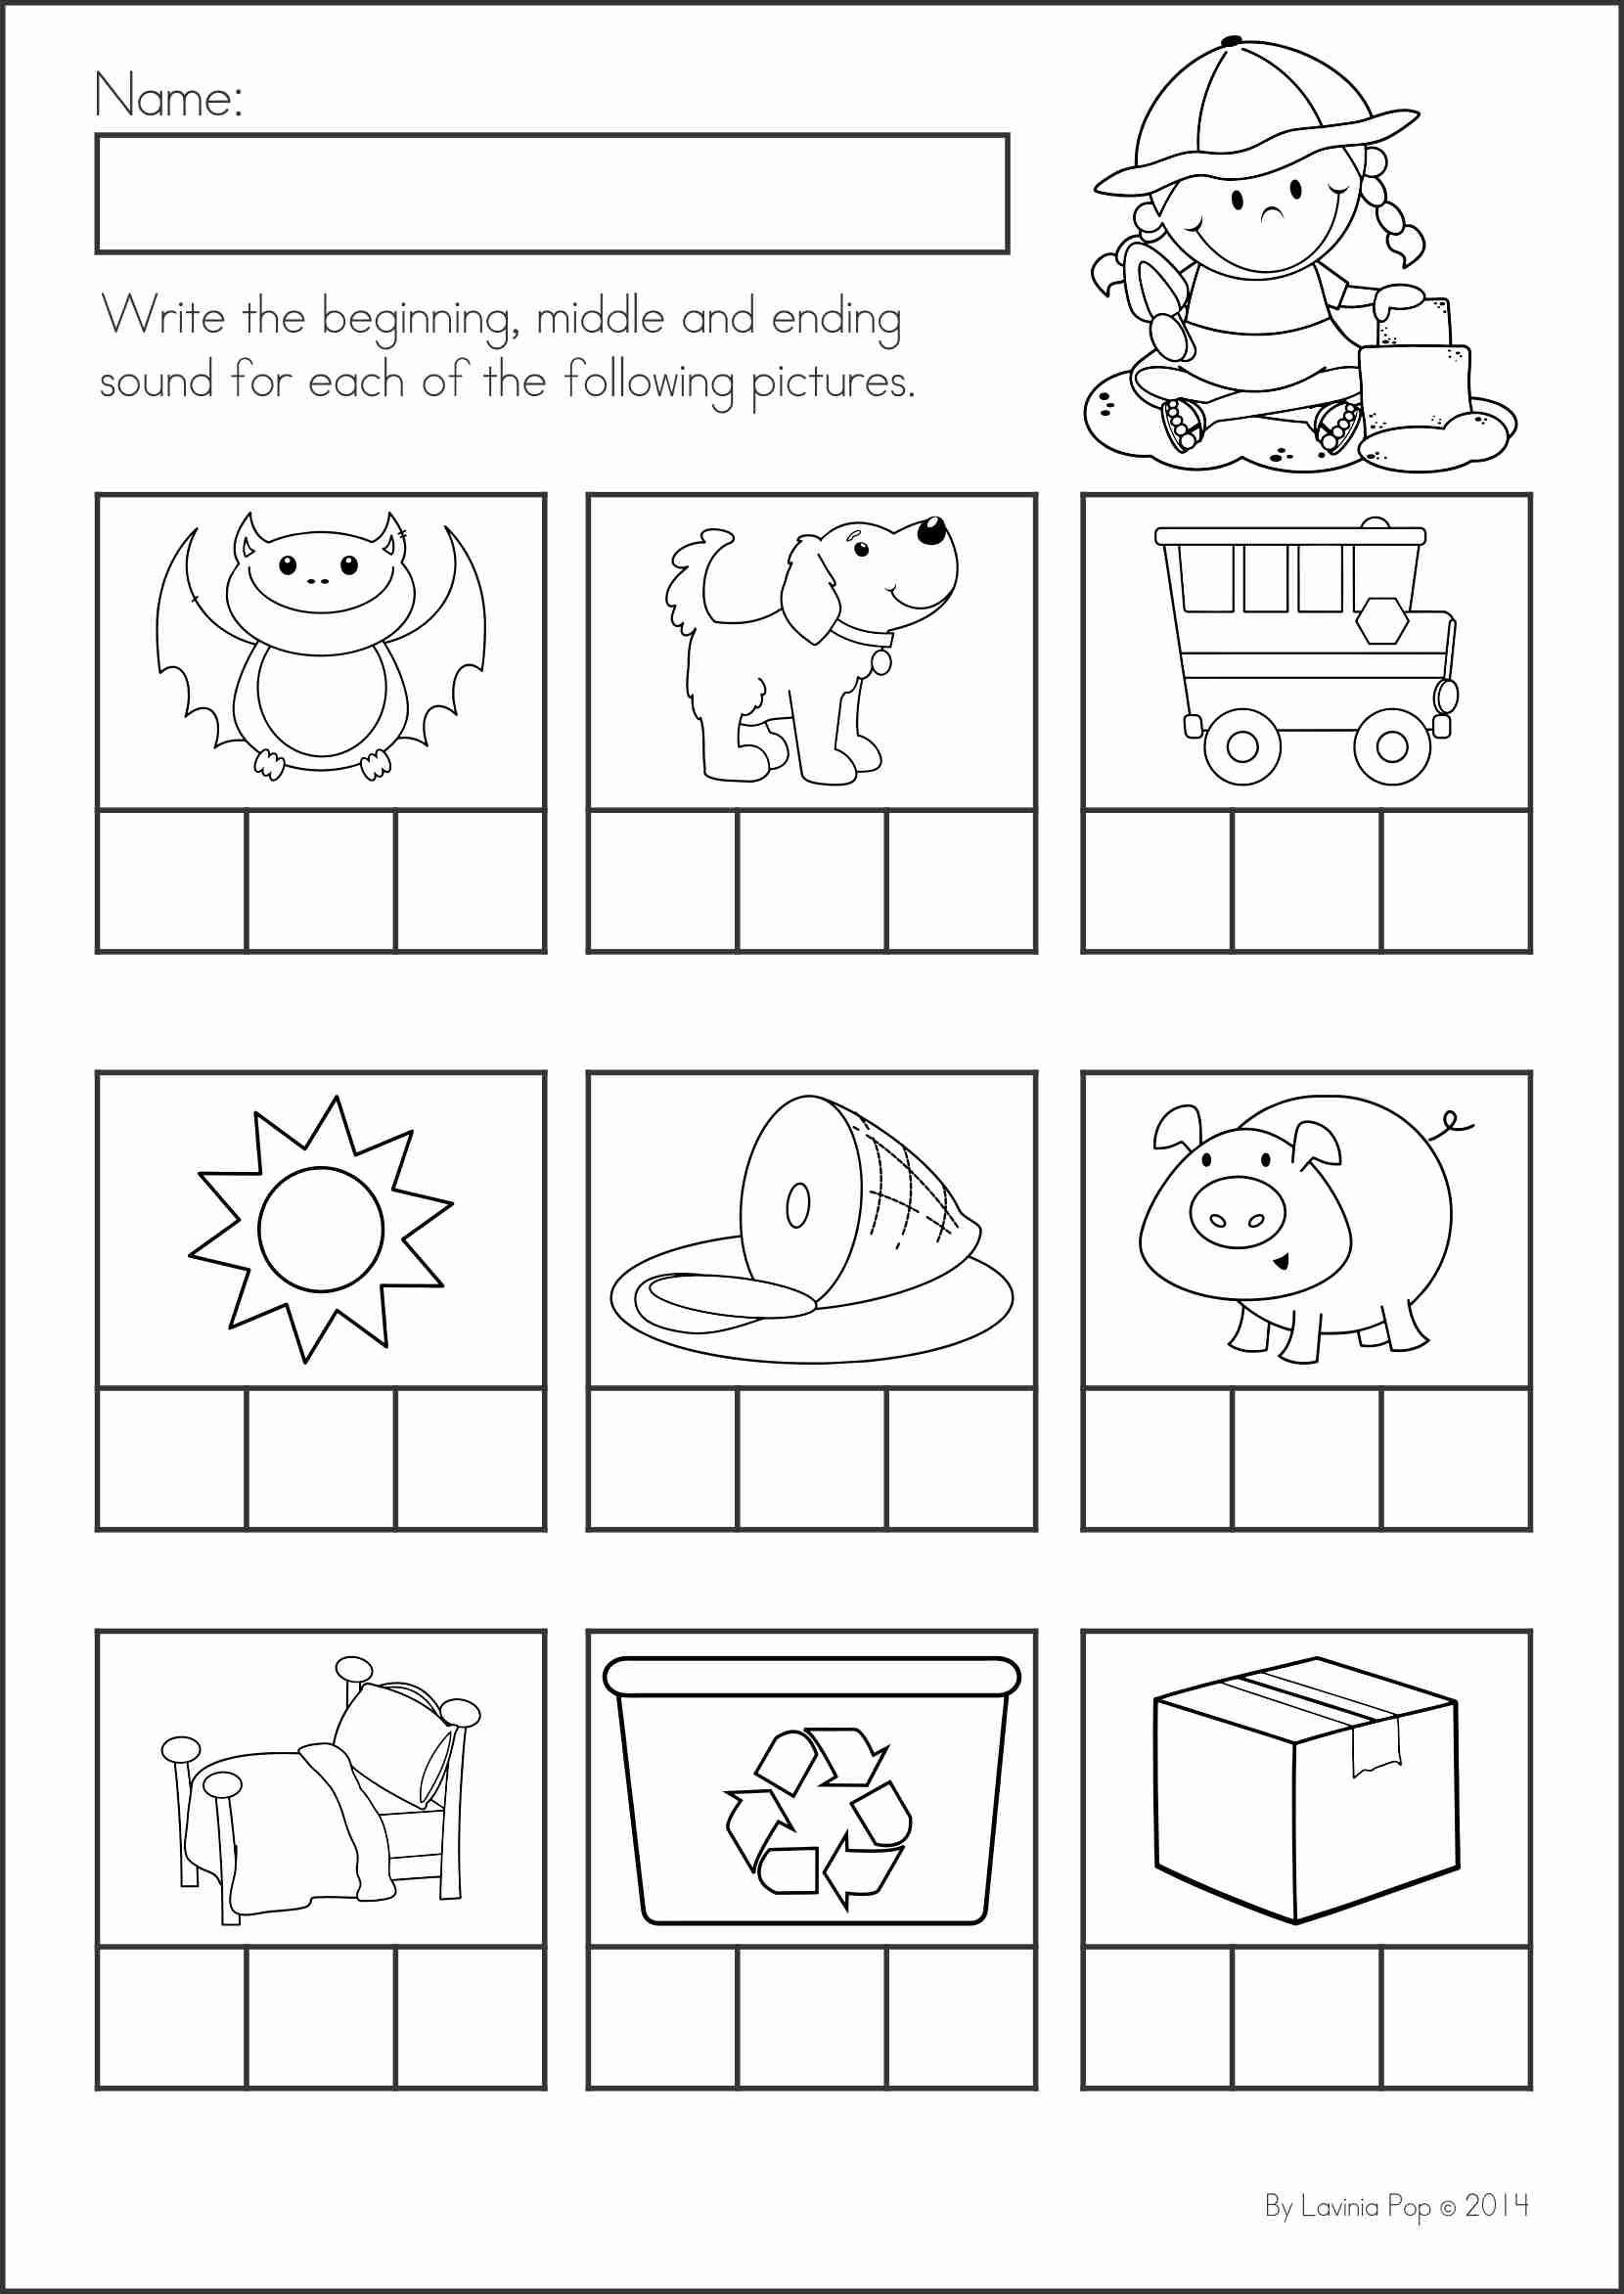 Free Kindergarten Worksheet Ending Sound